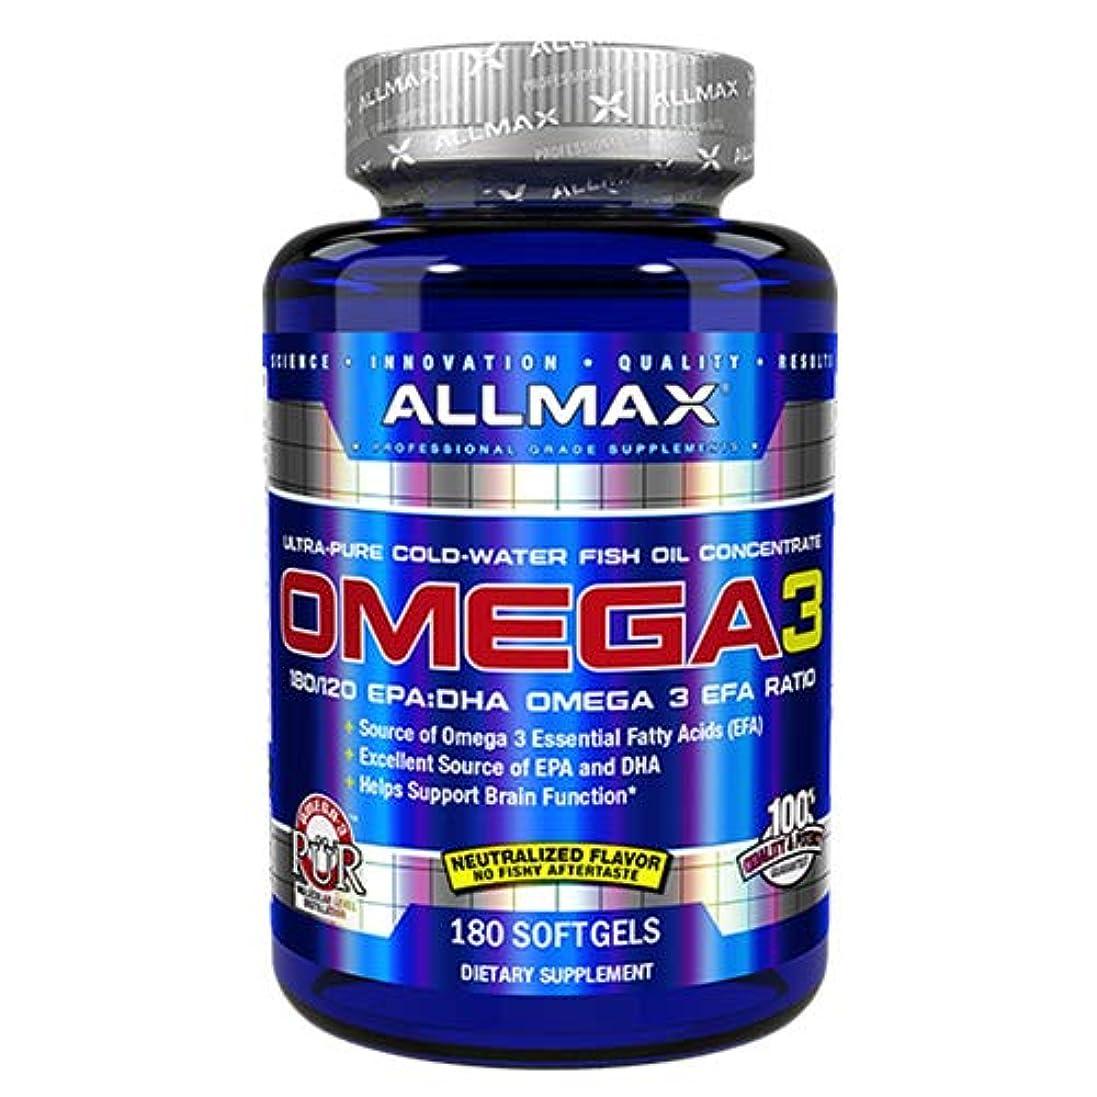 眠いです妻ピザオメガ3 1000mg 180粒 Allmax Nutrition(オールマックスニュートリション)[海外直送品]